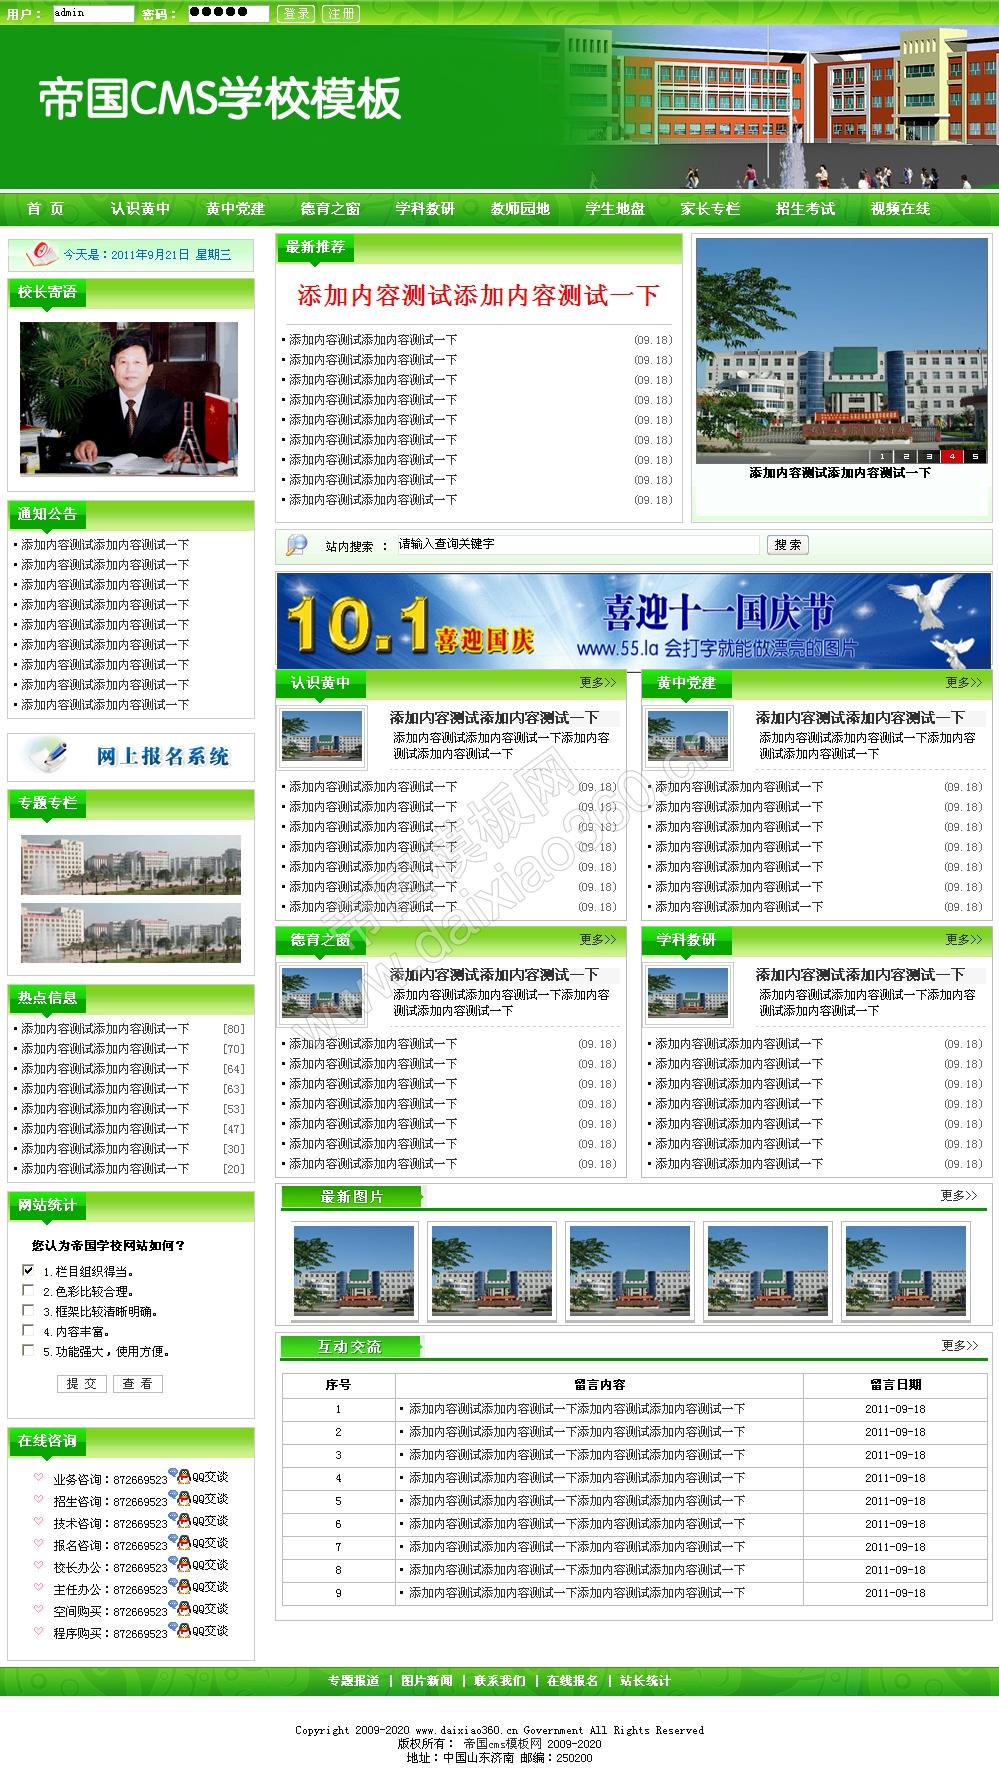 帝国学校模板帝国cms绿色学校网站程序模板_首页